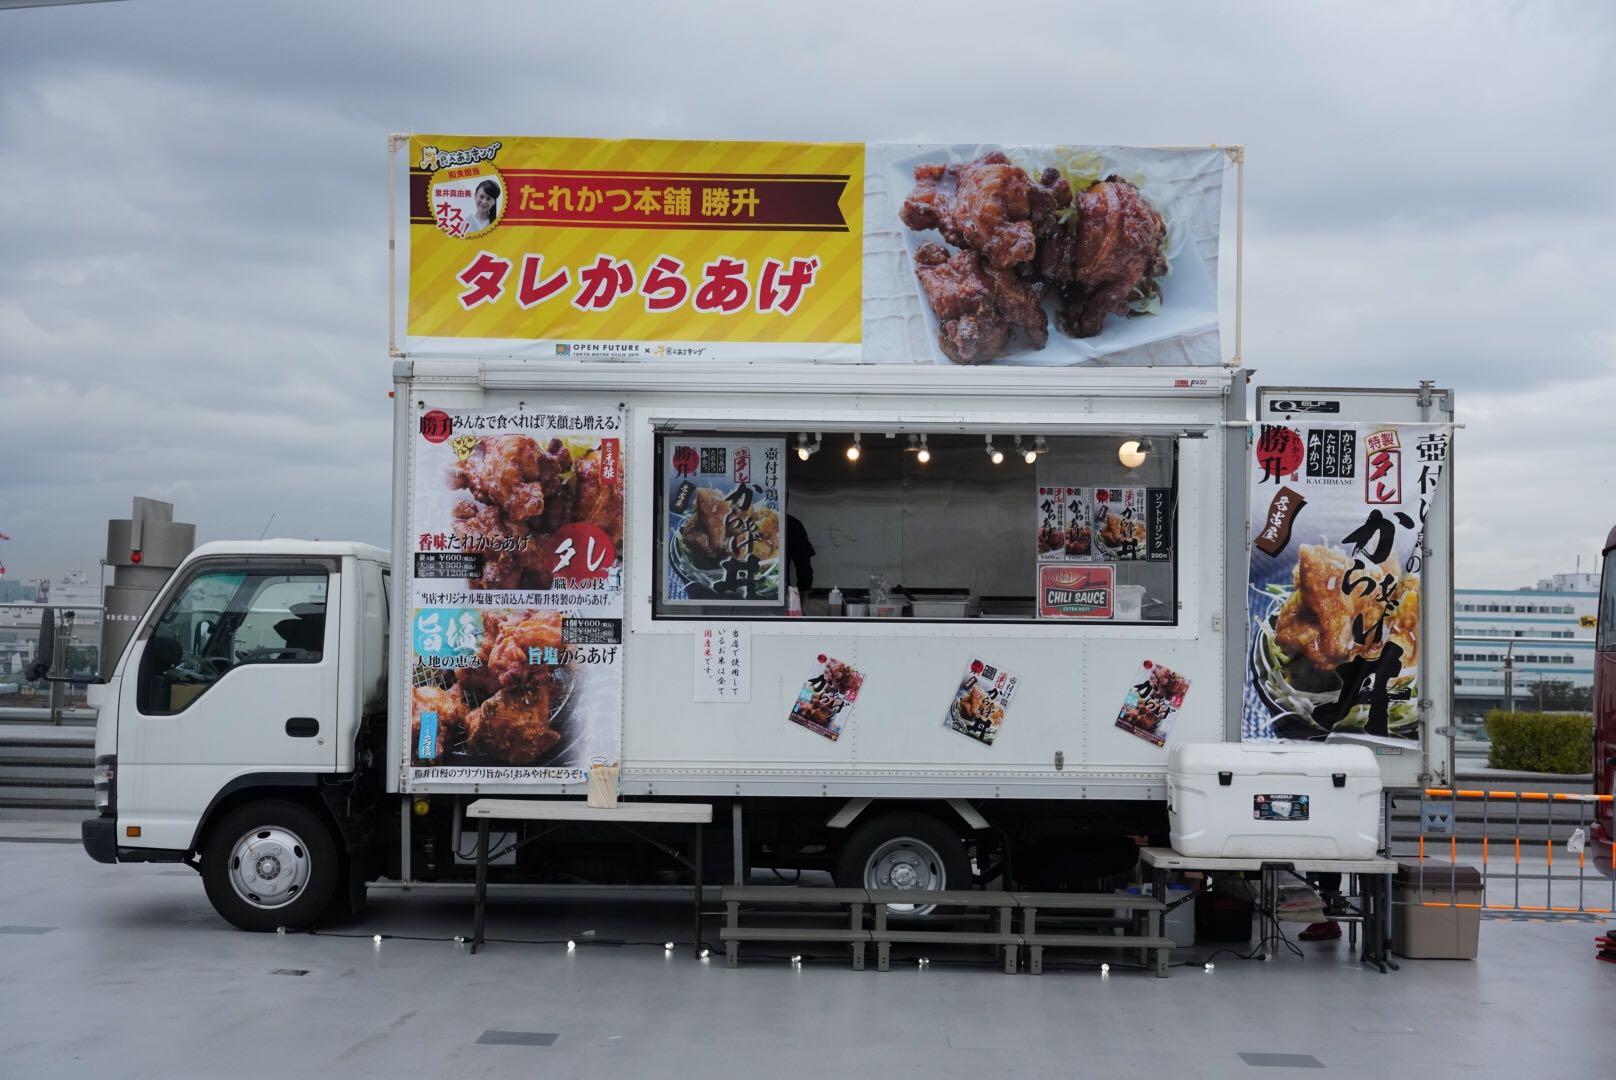 たれかつ本舗 勝升 グルメキングダム 東京モーターショー2019